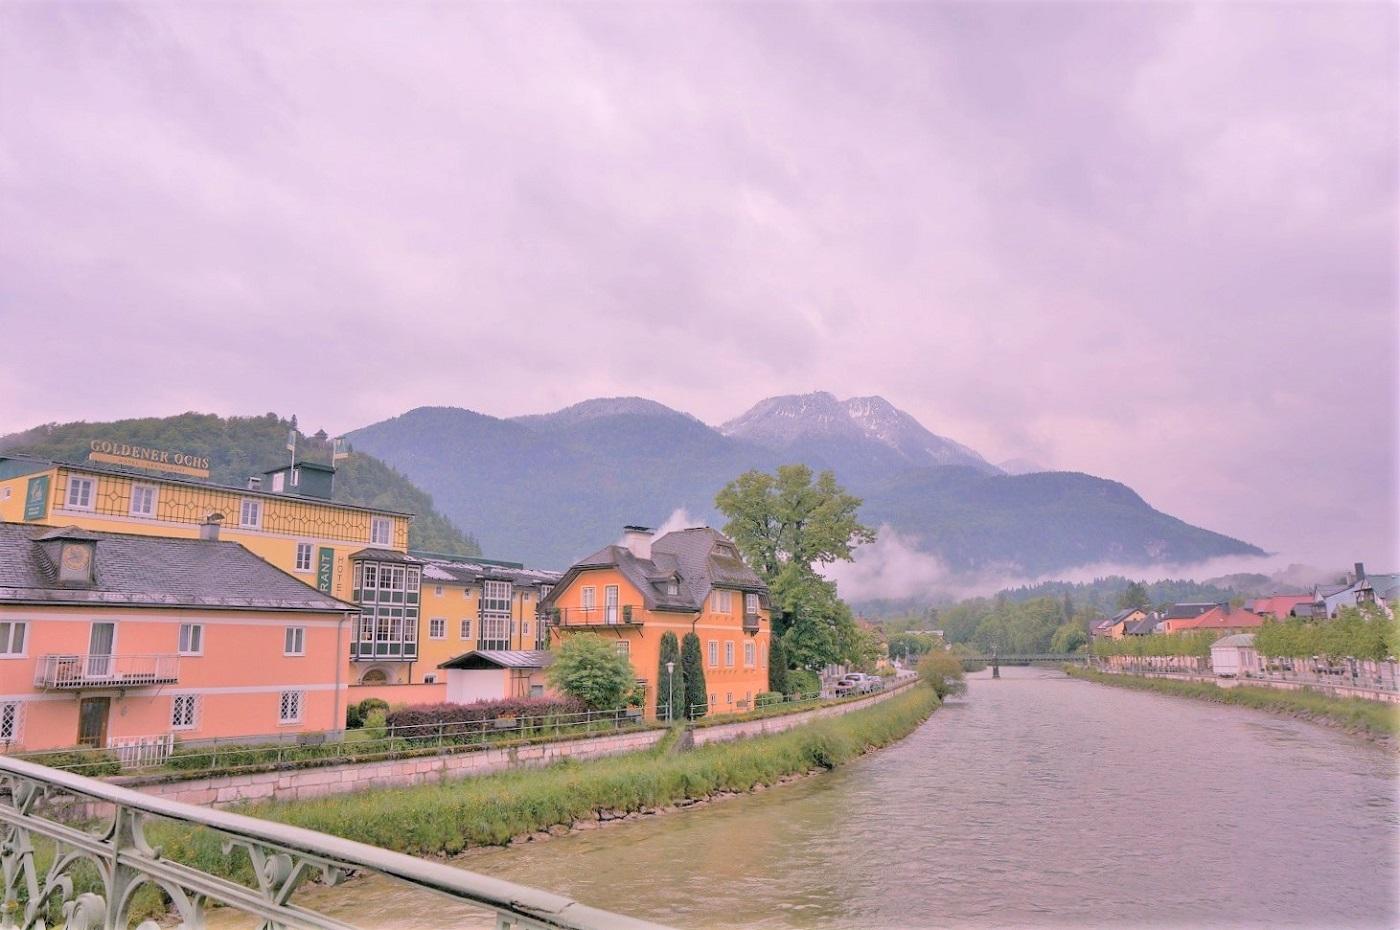 ハルシュタット観光の拠点に!オーストリアの温泉街バートイシュル